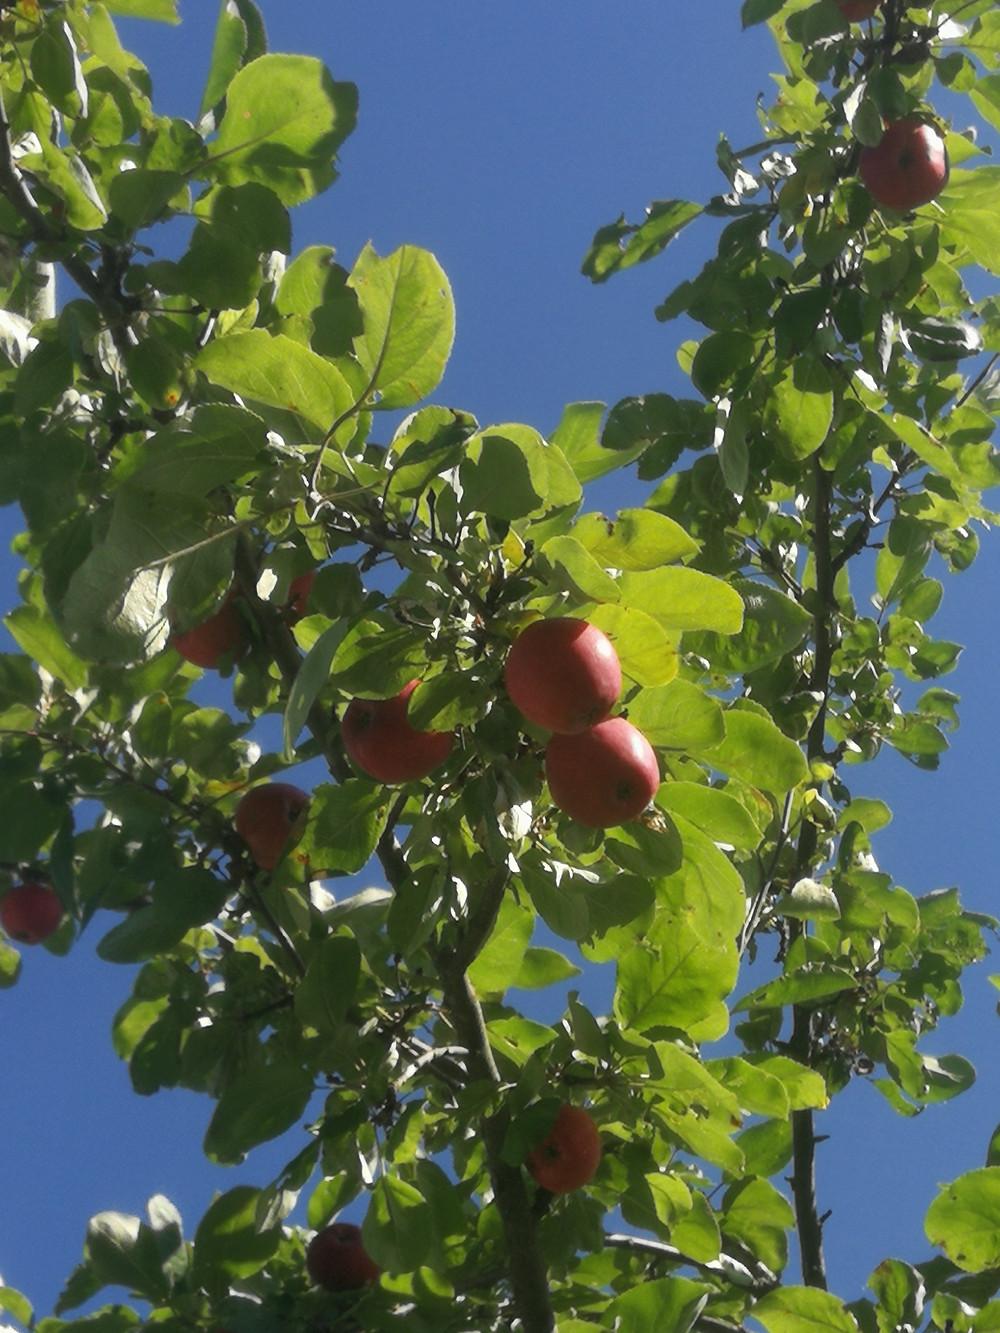 Punakaneli ja valkea kuulas ovat rakastettuja omenalajikkeita.